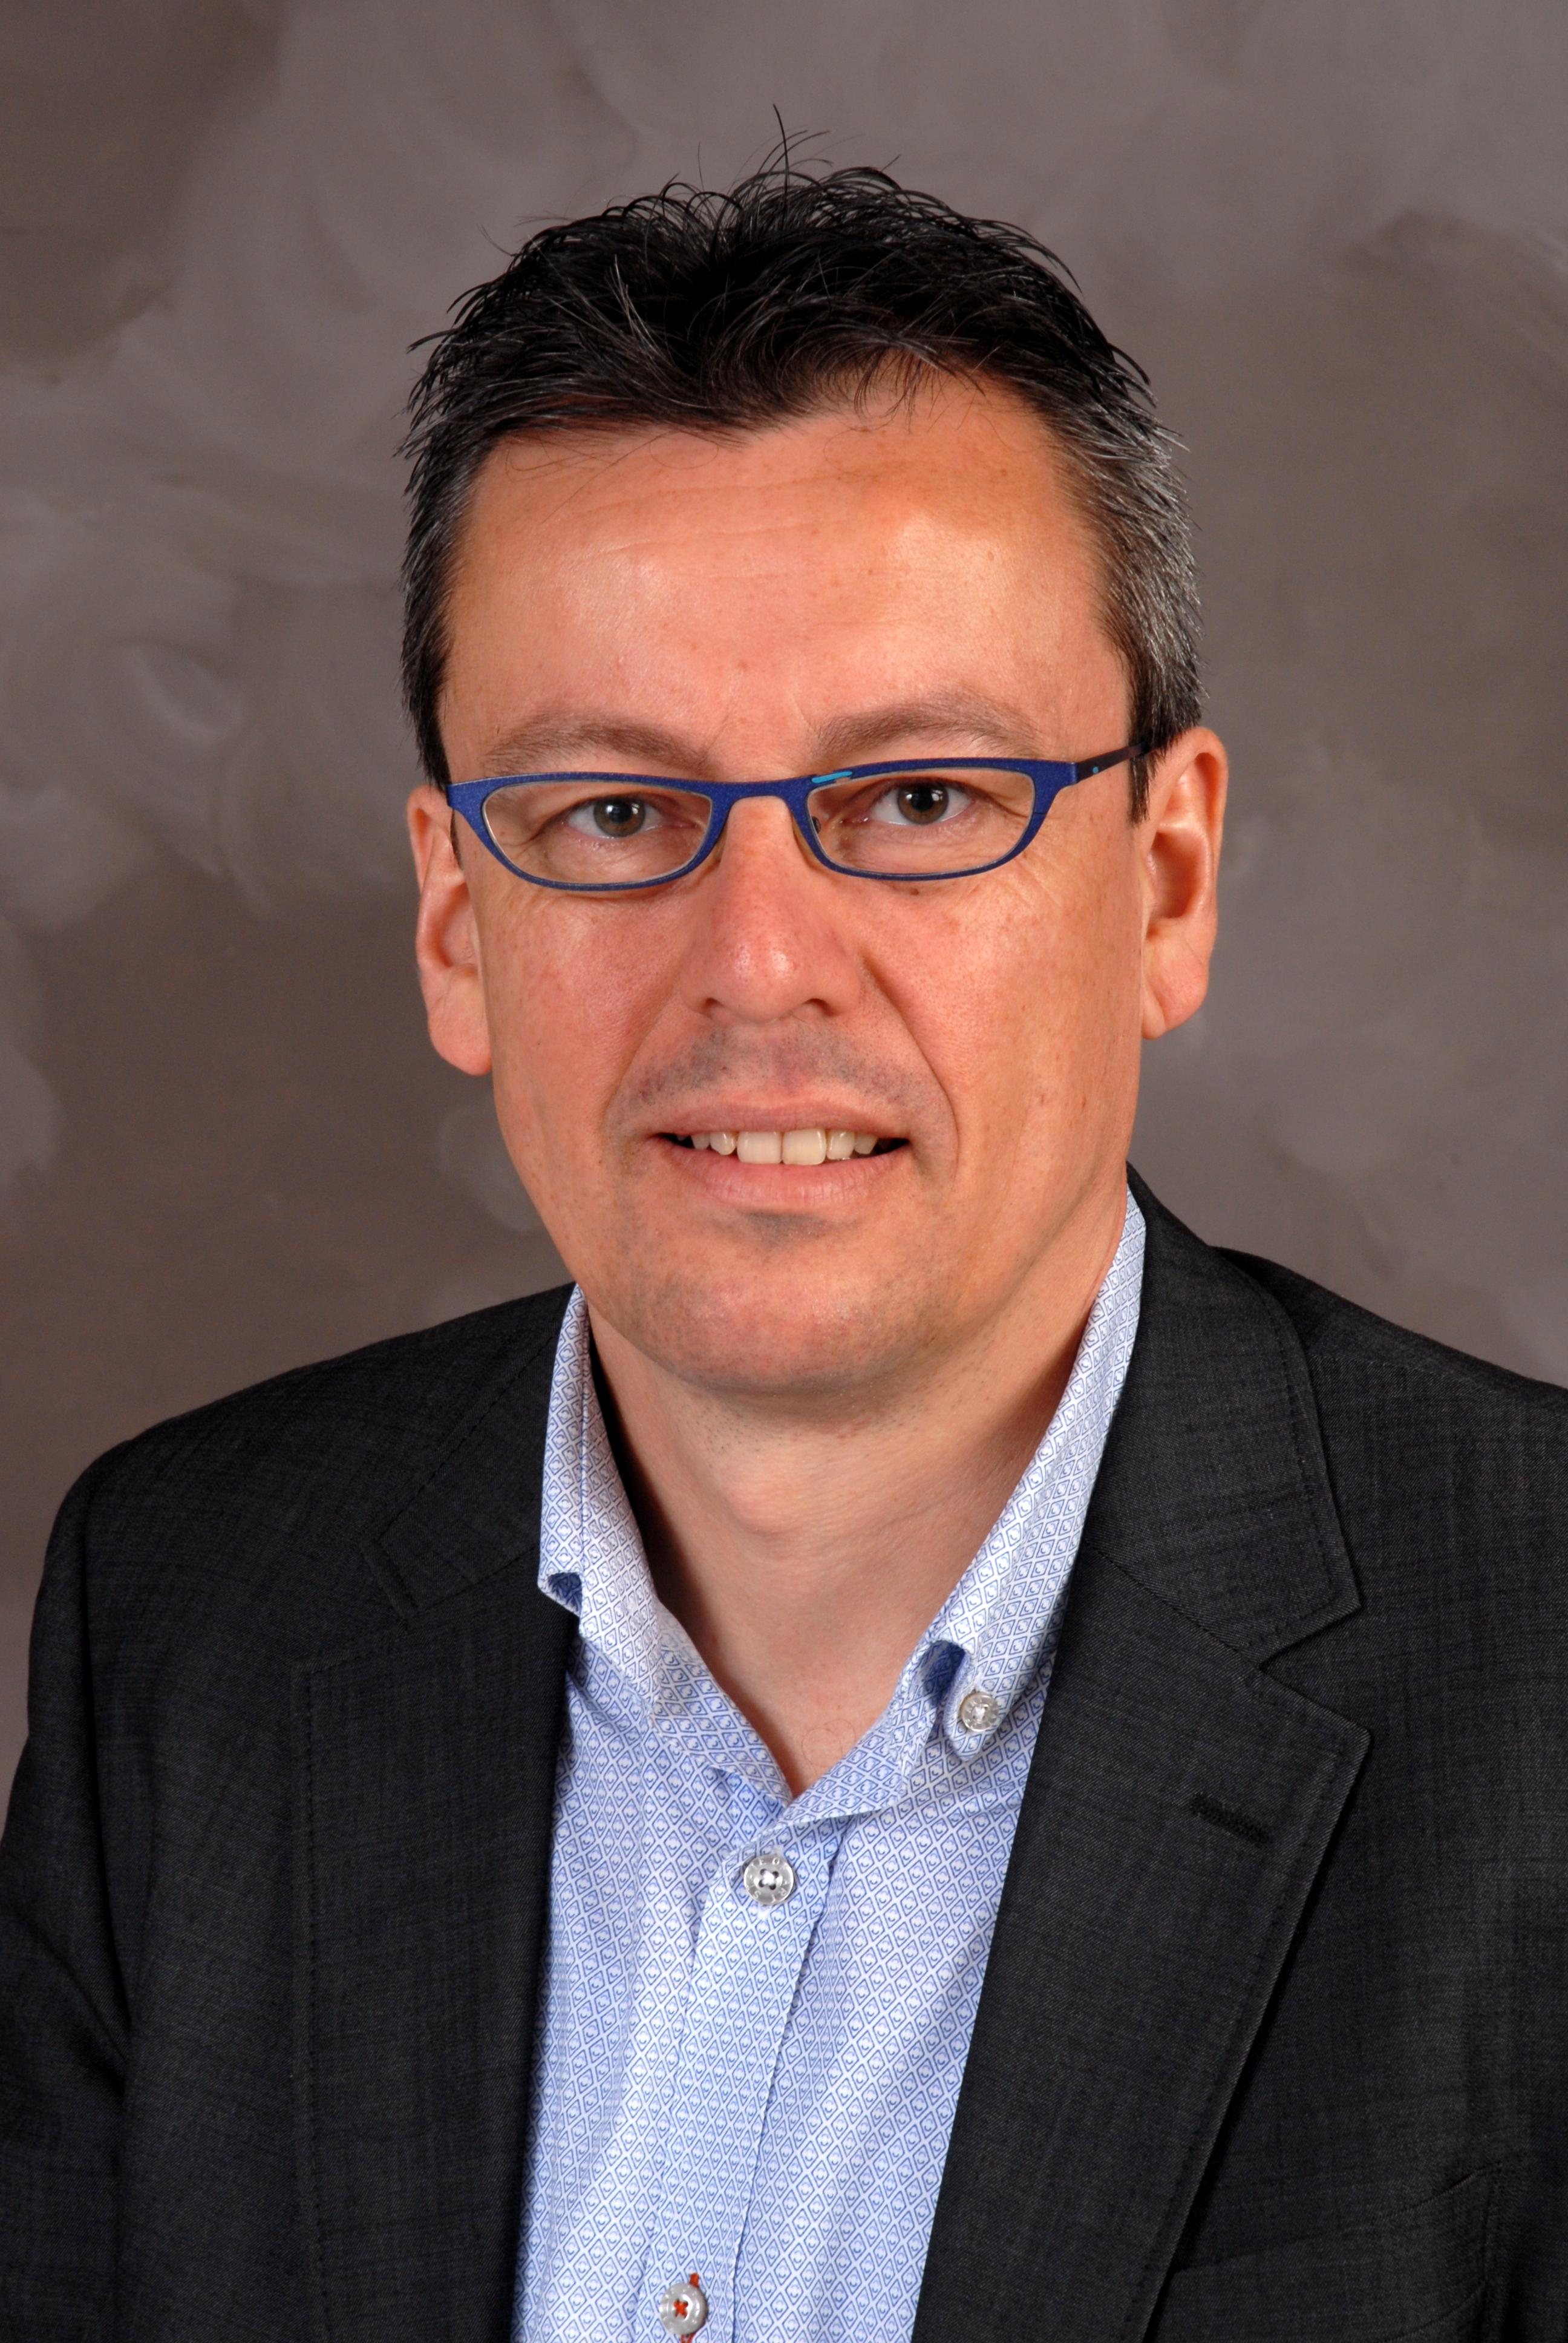 Patrick Vos